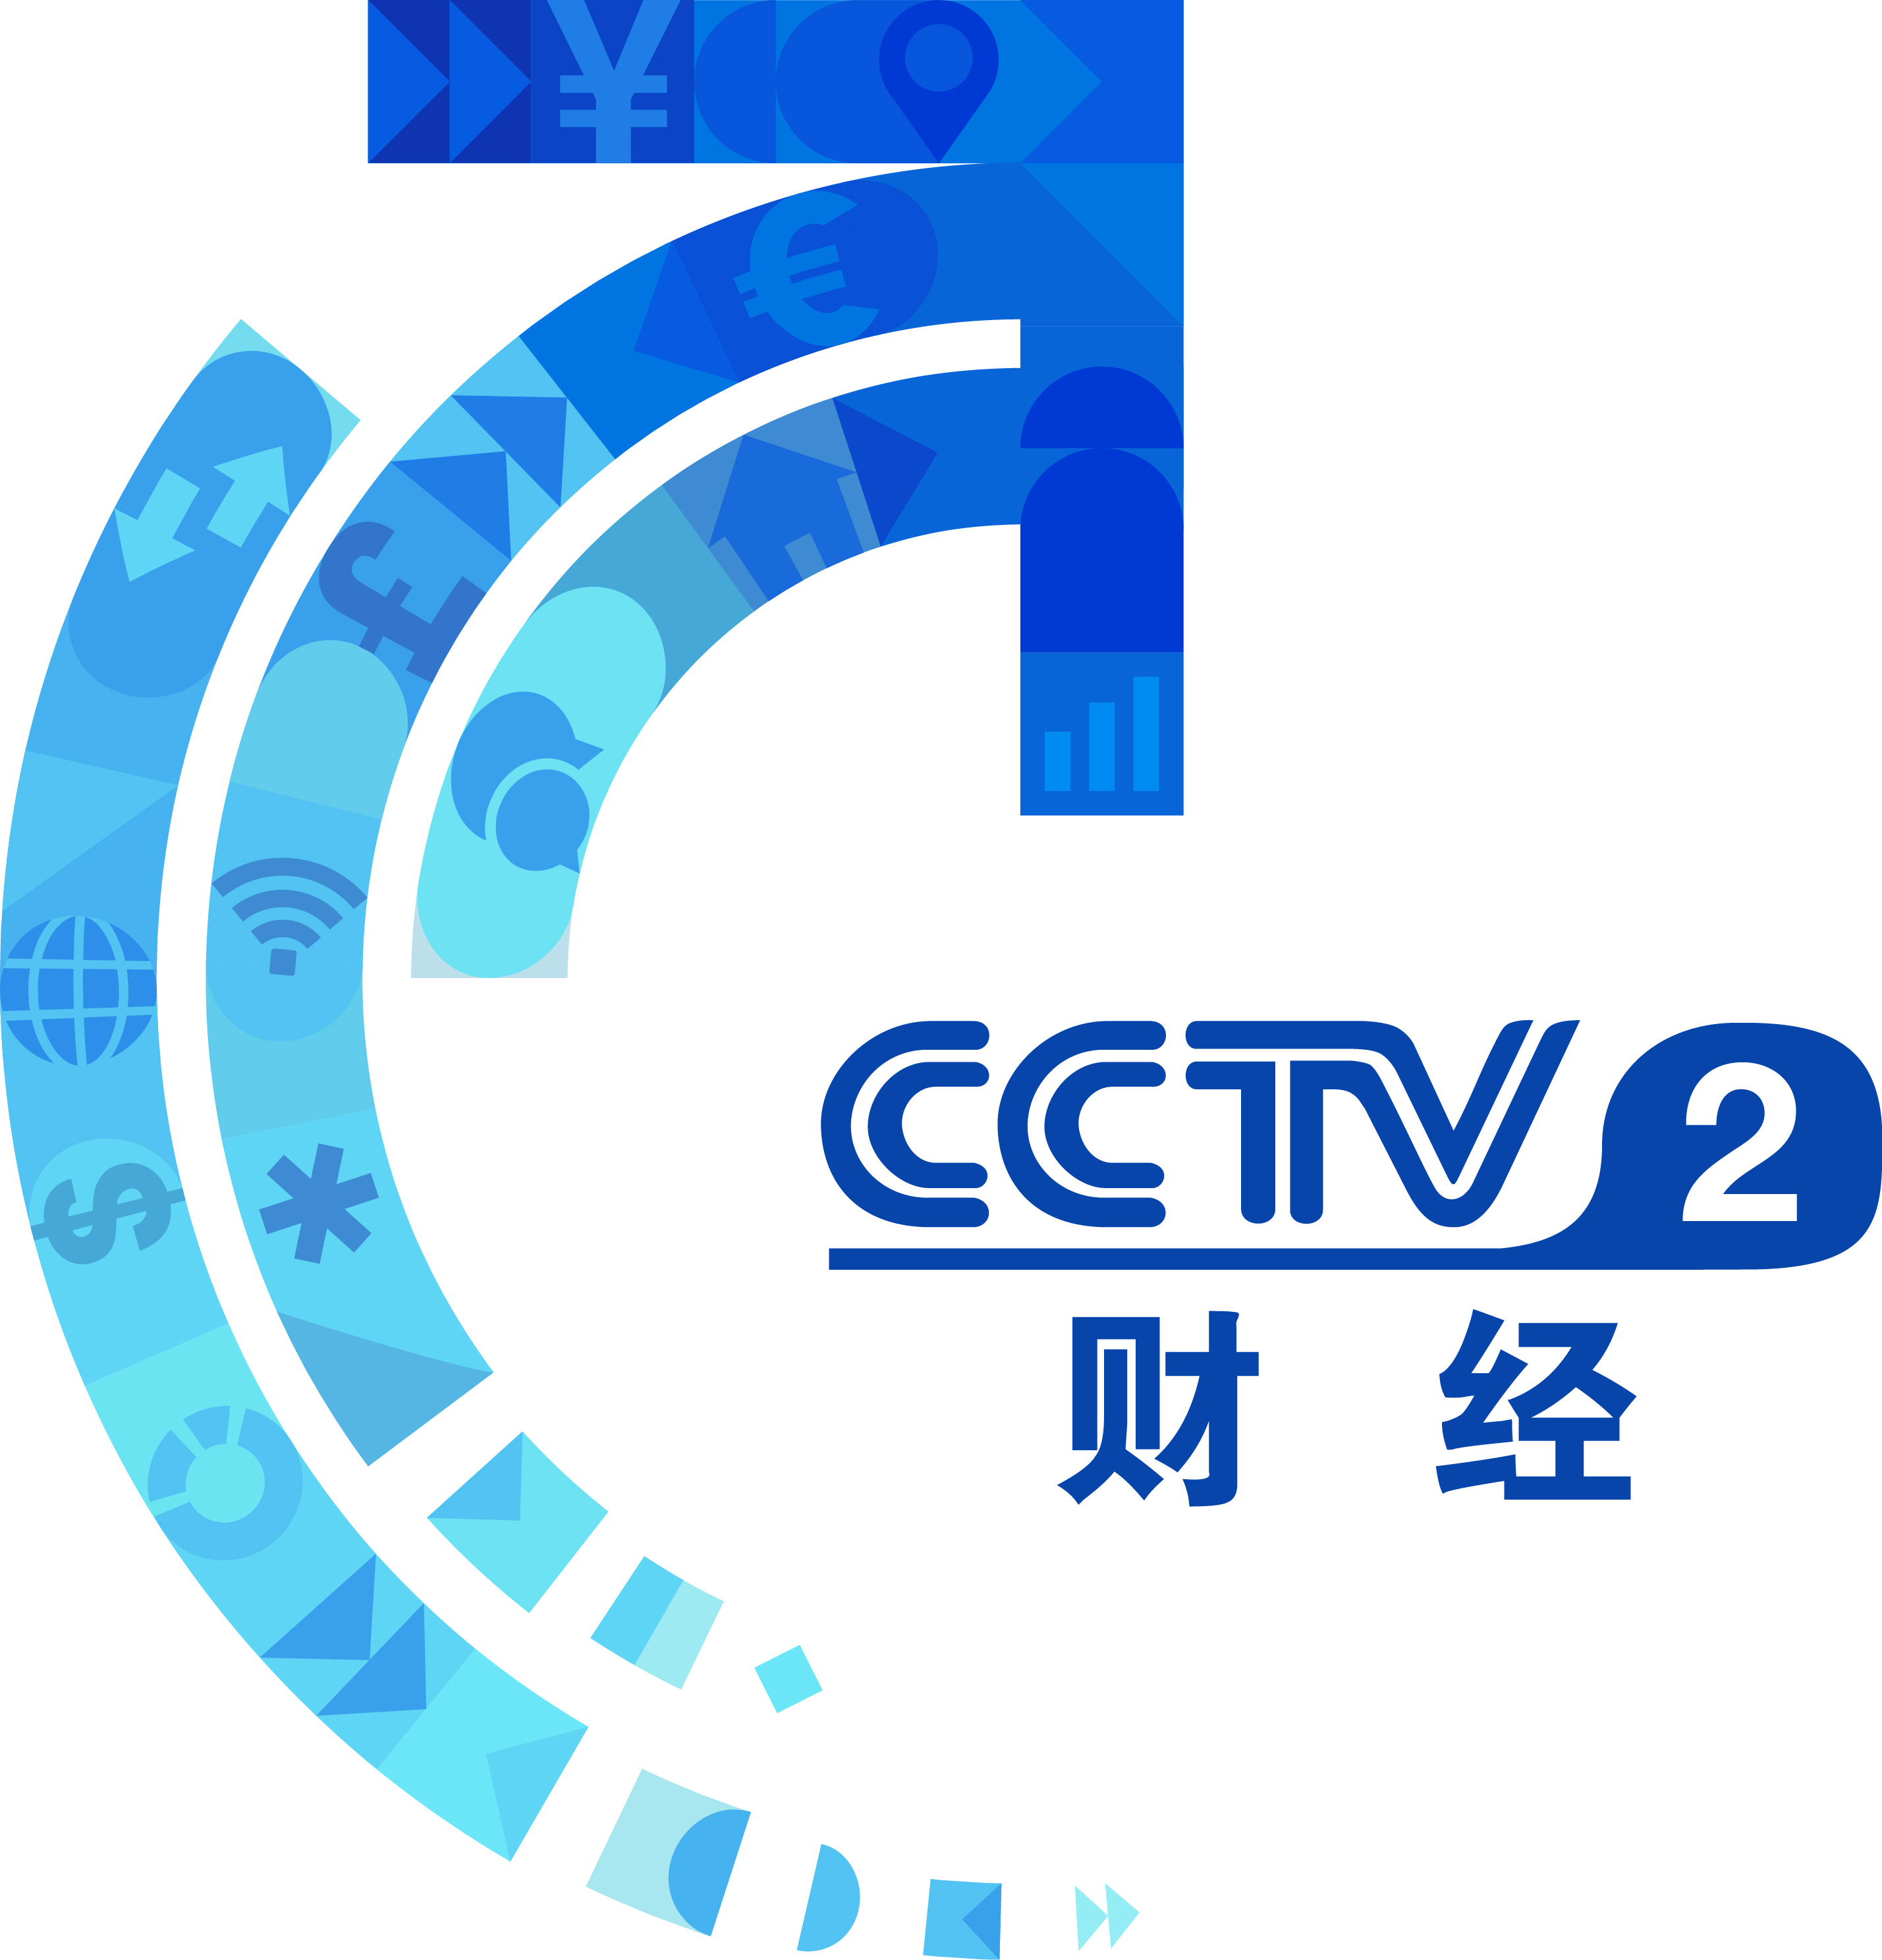 财经频道新logo-2-1